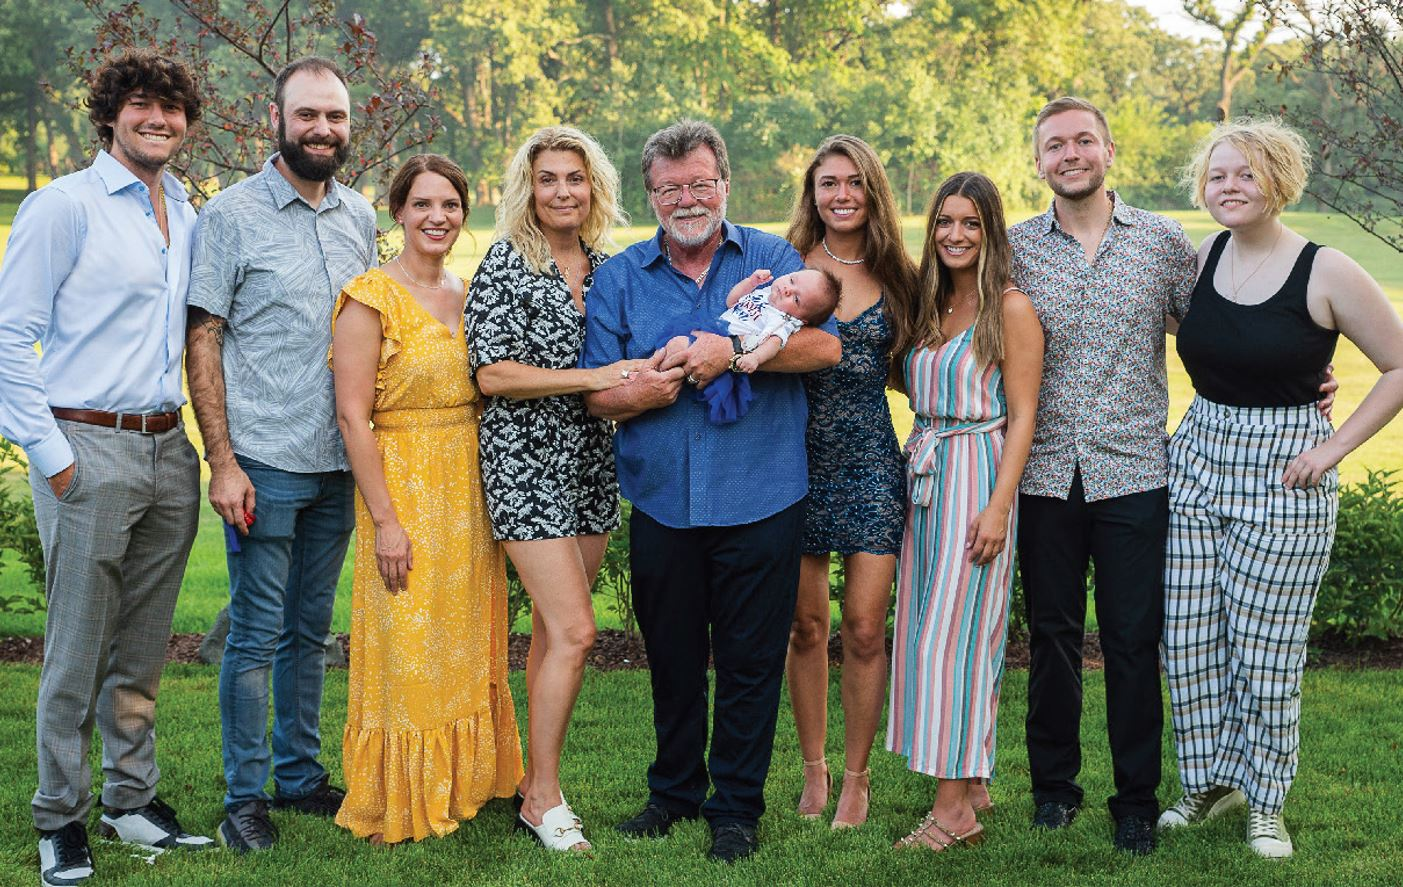 The Heidner family